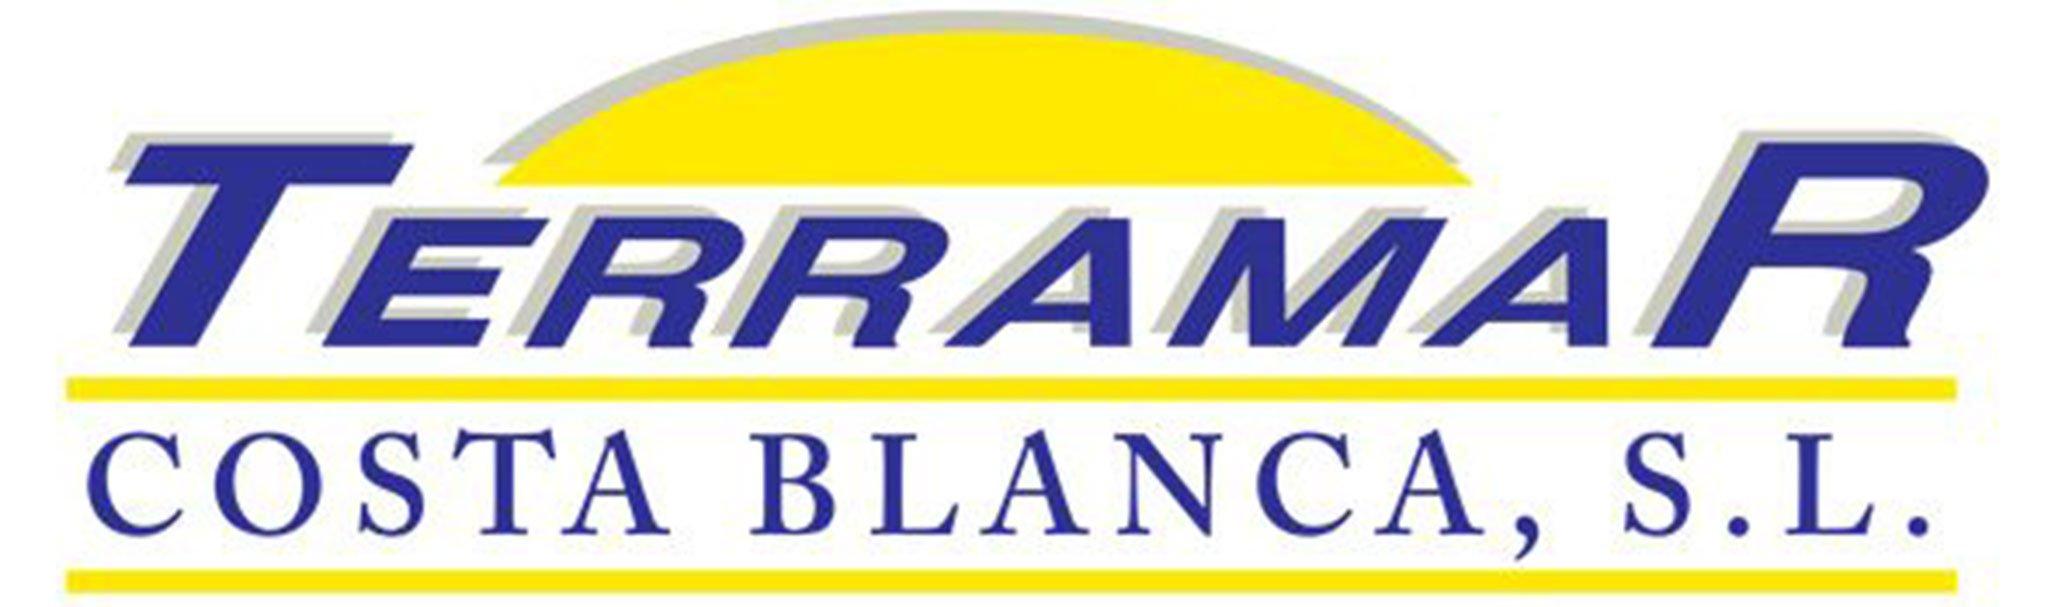 Logotipo de Terramar Costa Blanca